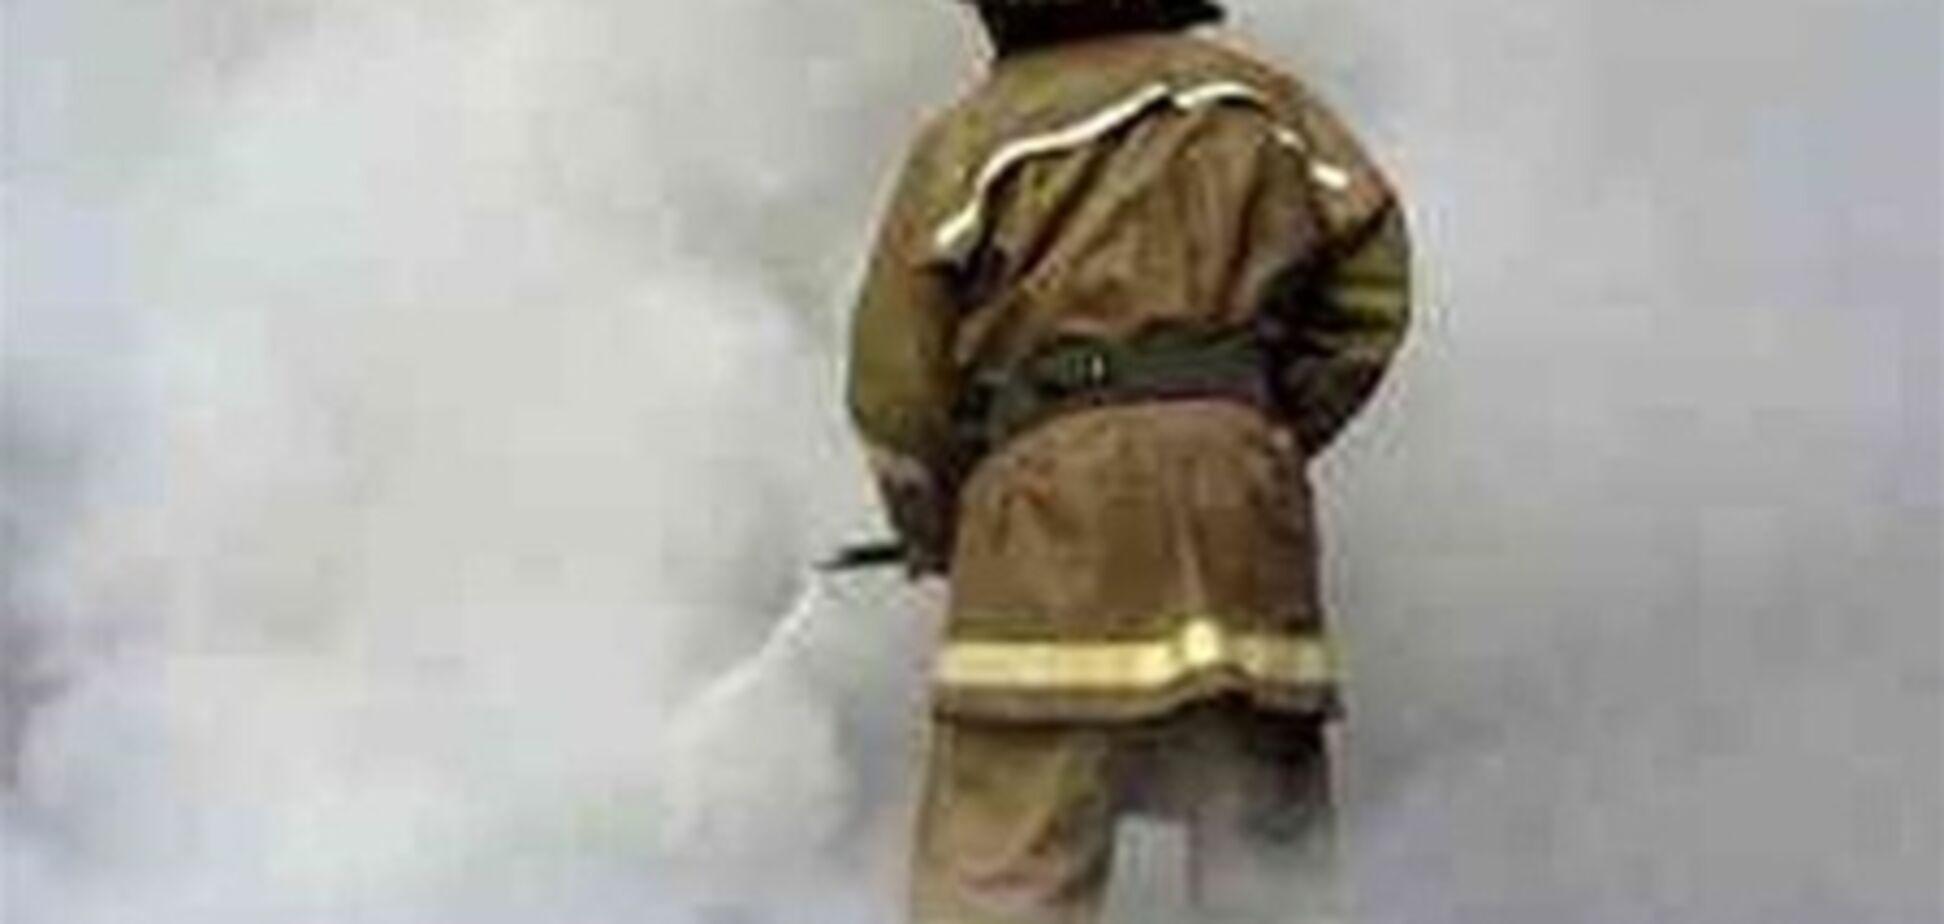 На Полтавщині через недопалок загорівся багатоквартирний будинок, загинула жінка